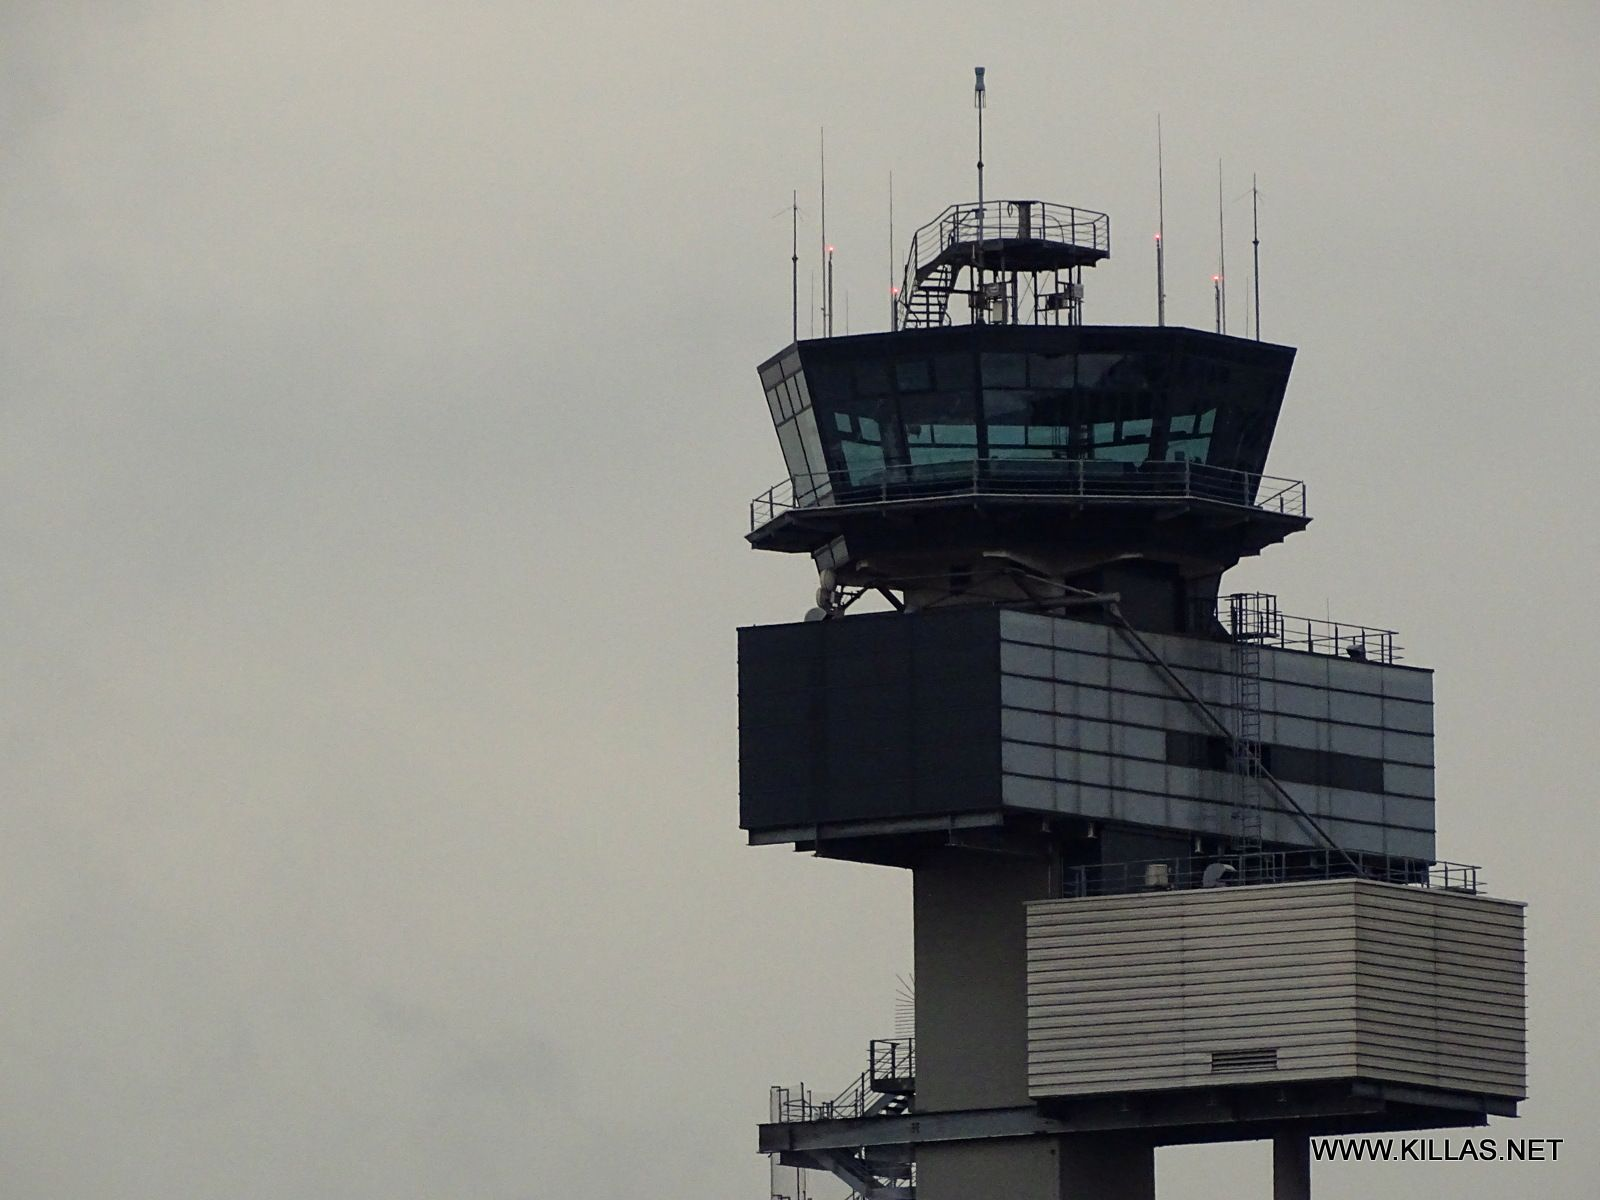 Tower am Airport Düsseldorf Flughafen düsseldorf